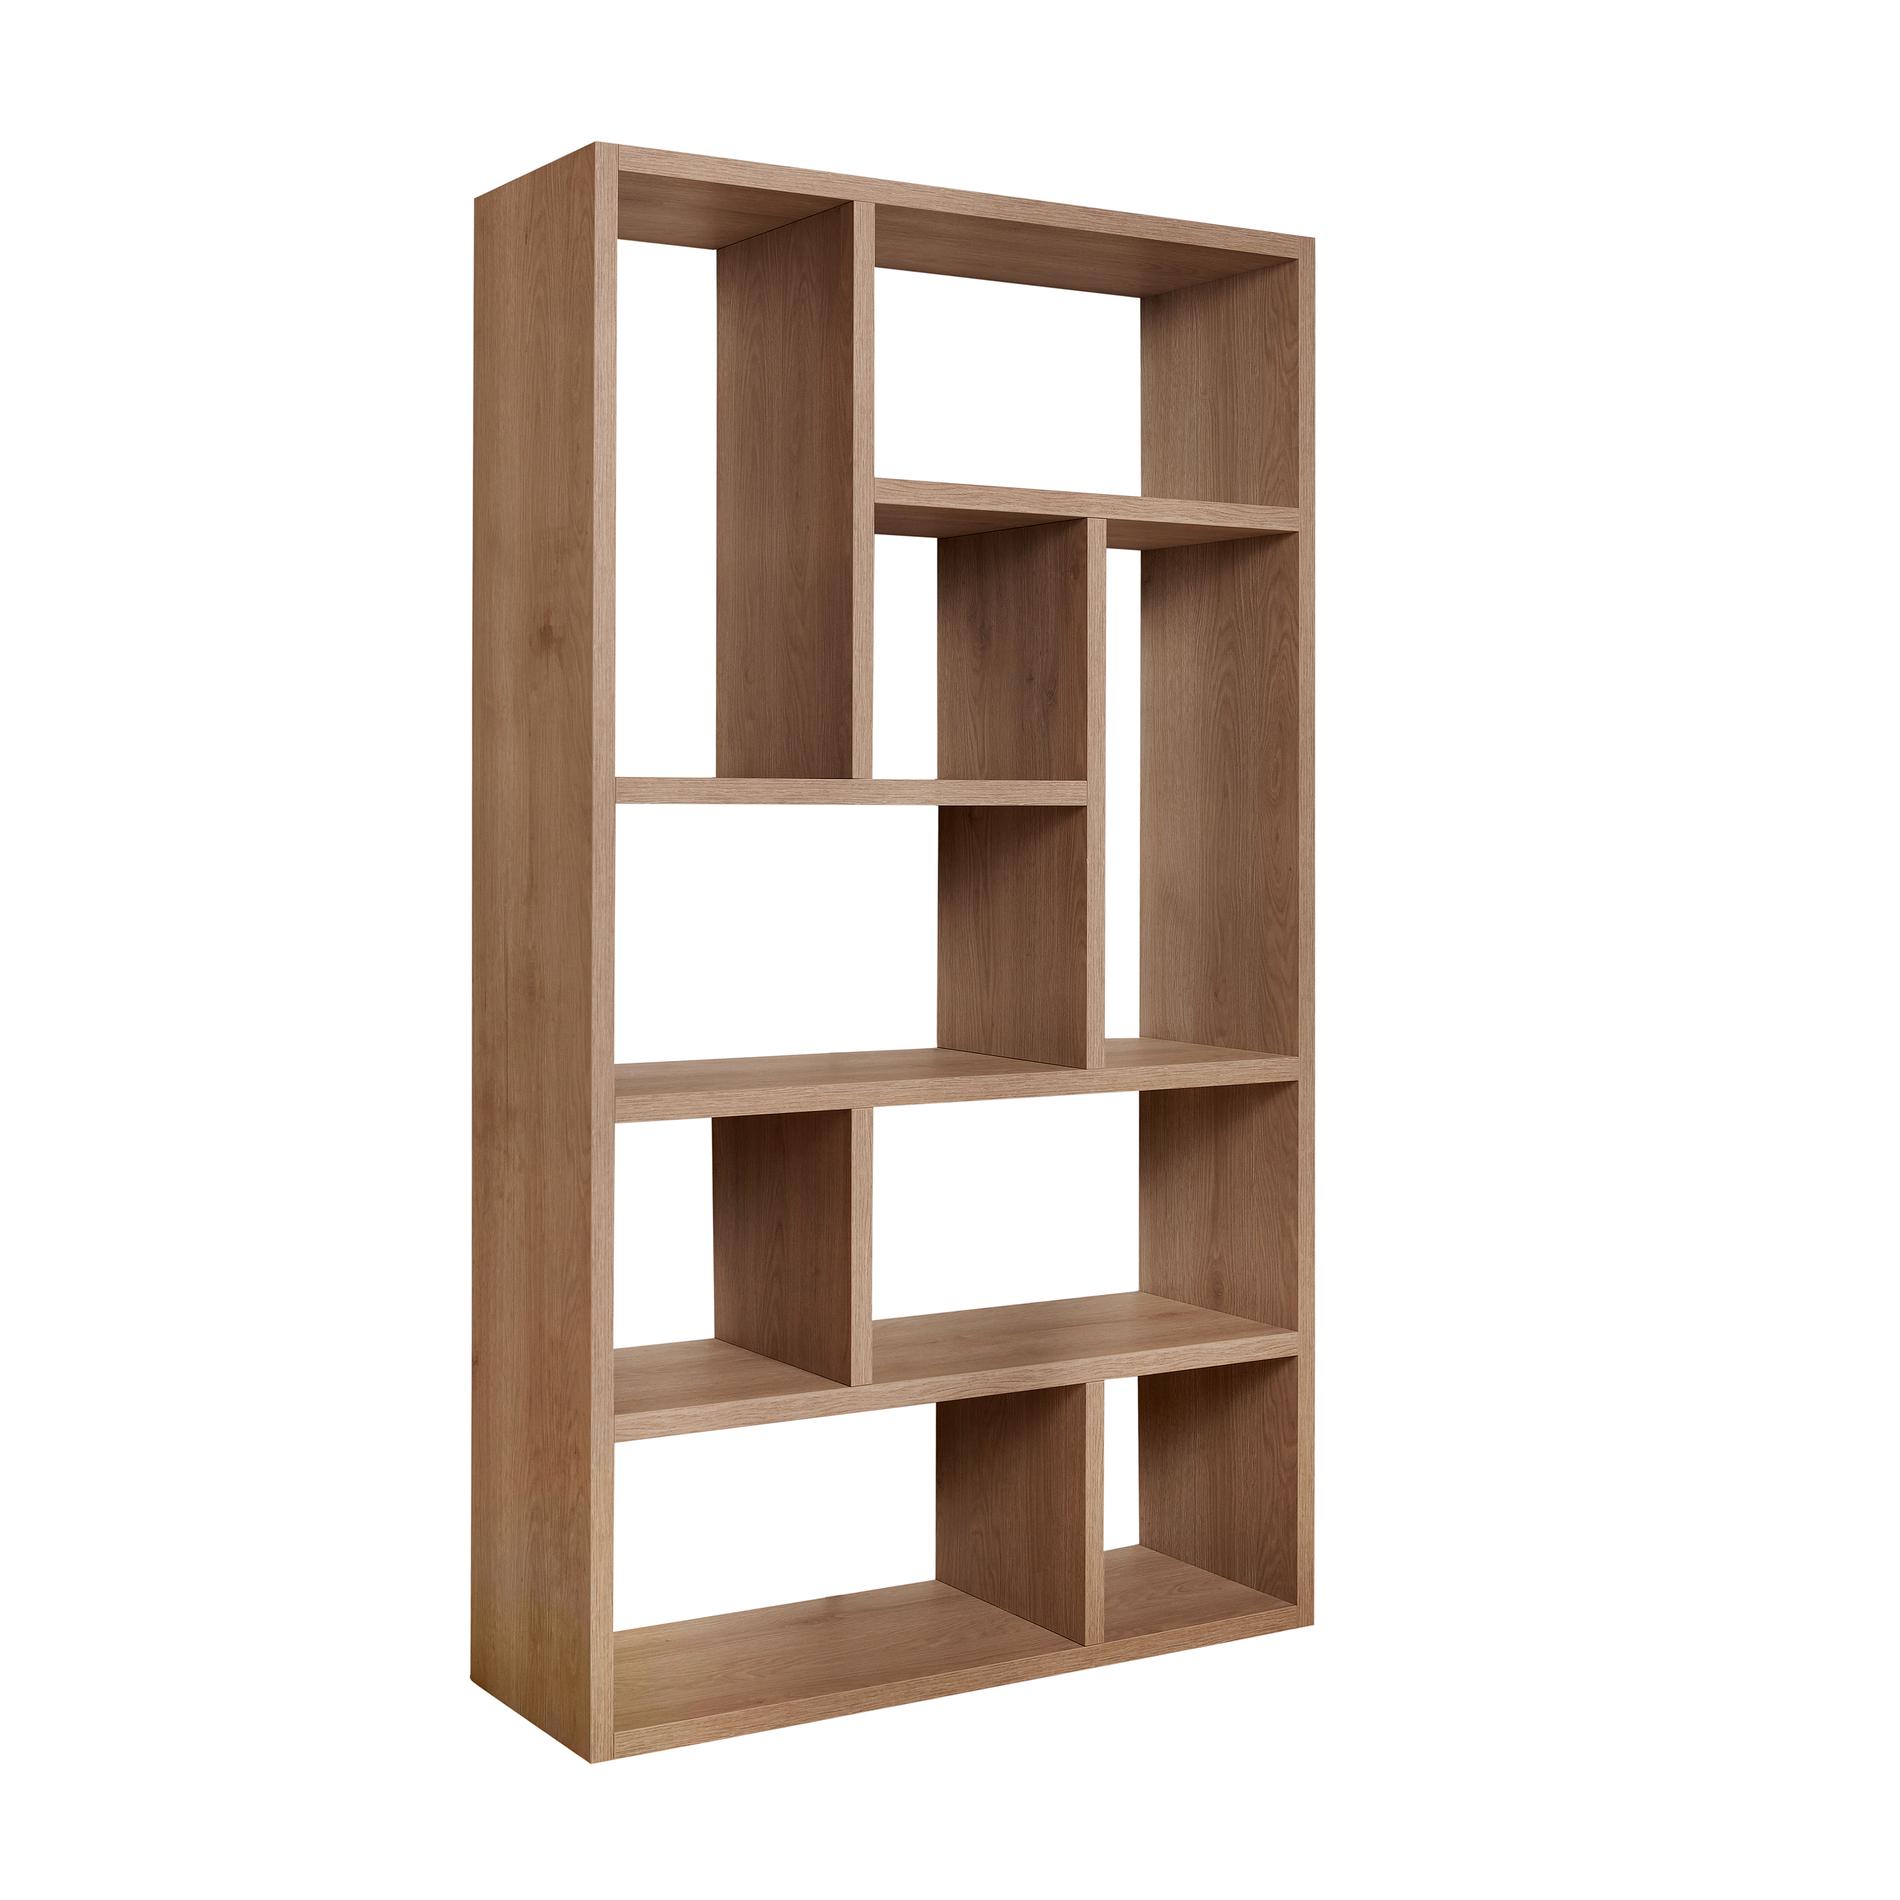 Libreria in legno olmo naturale - coincasa